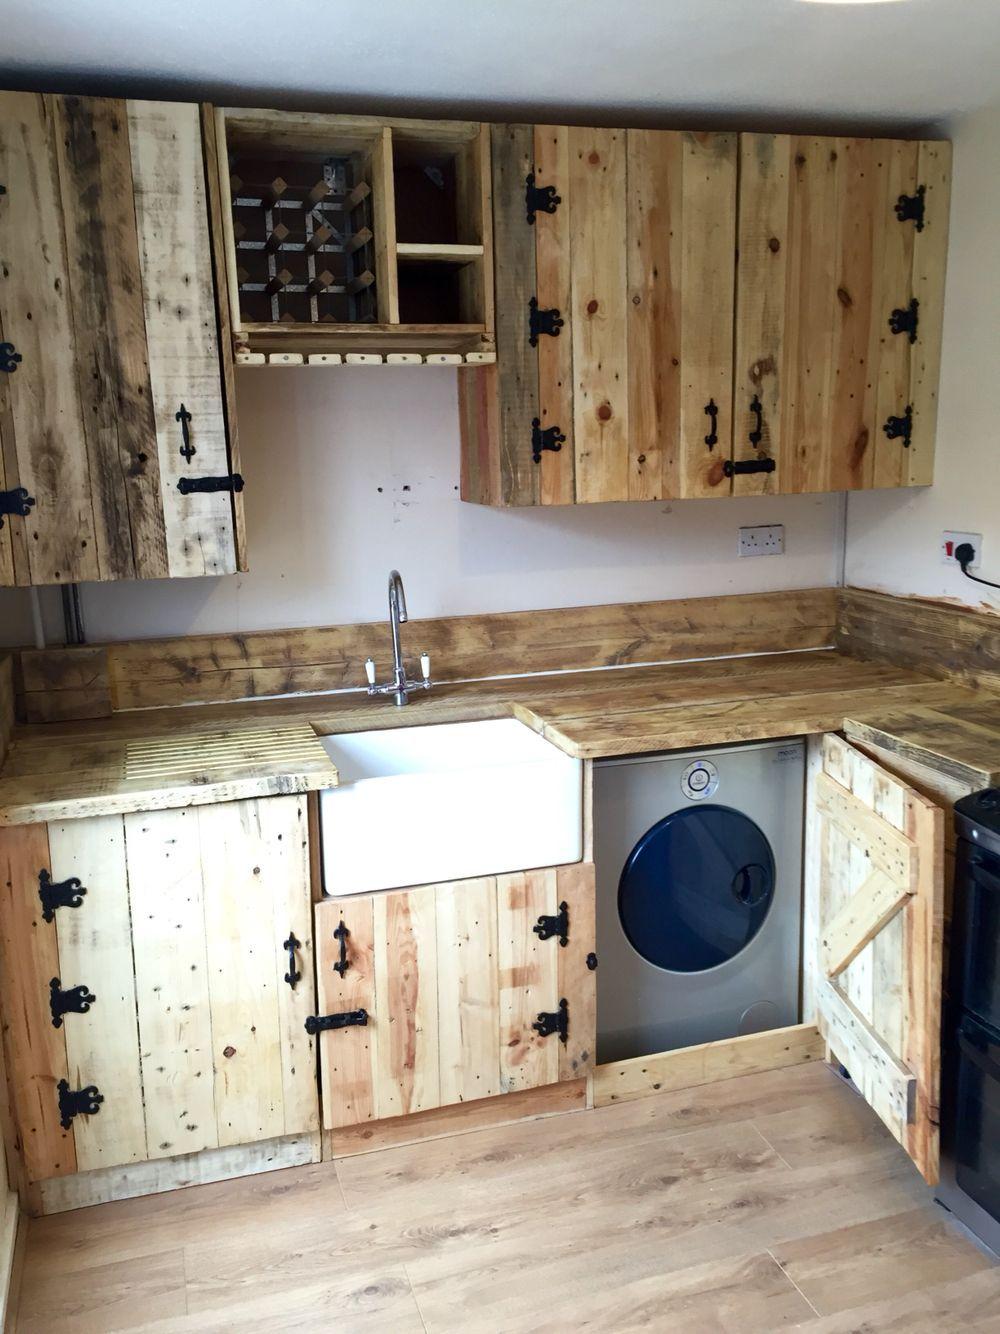 Wooden Pallet Kitchen Cabinets Pallet Kitchen Cabinets Pallet Kitchen Rustic Kitchen Cabinets